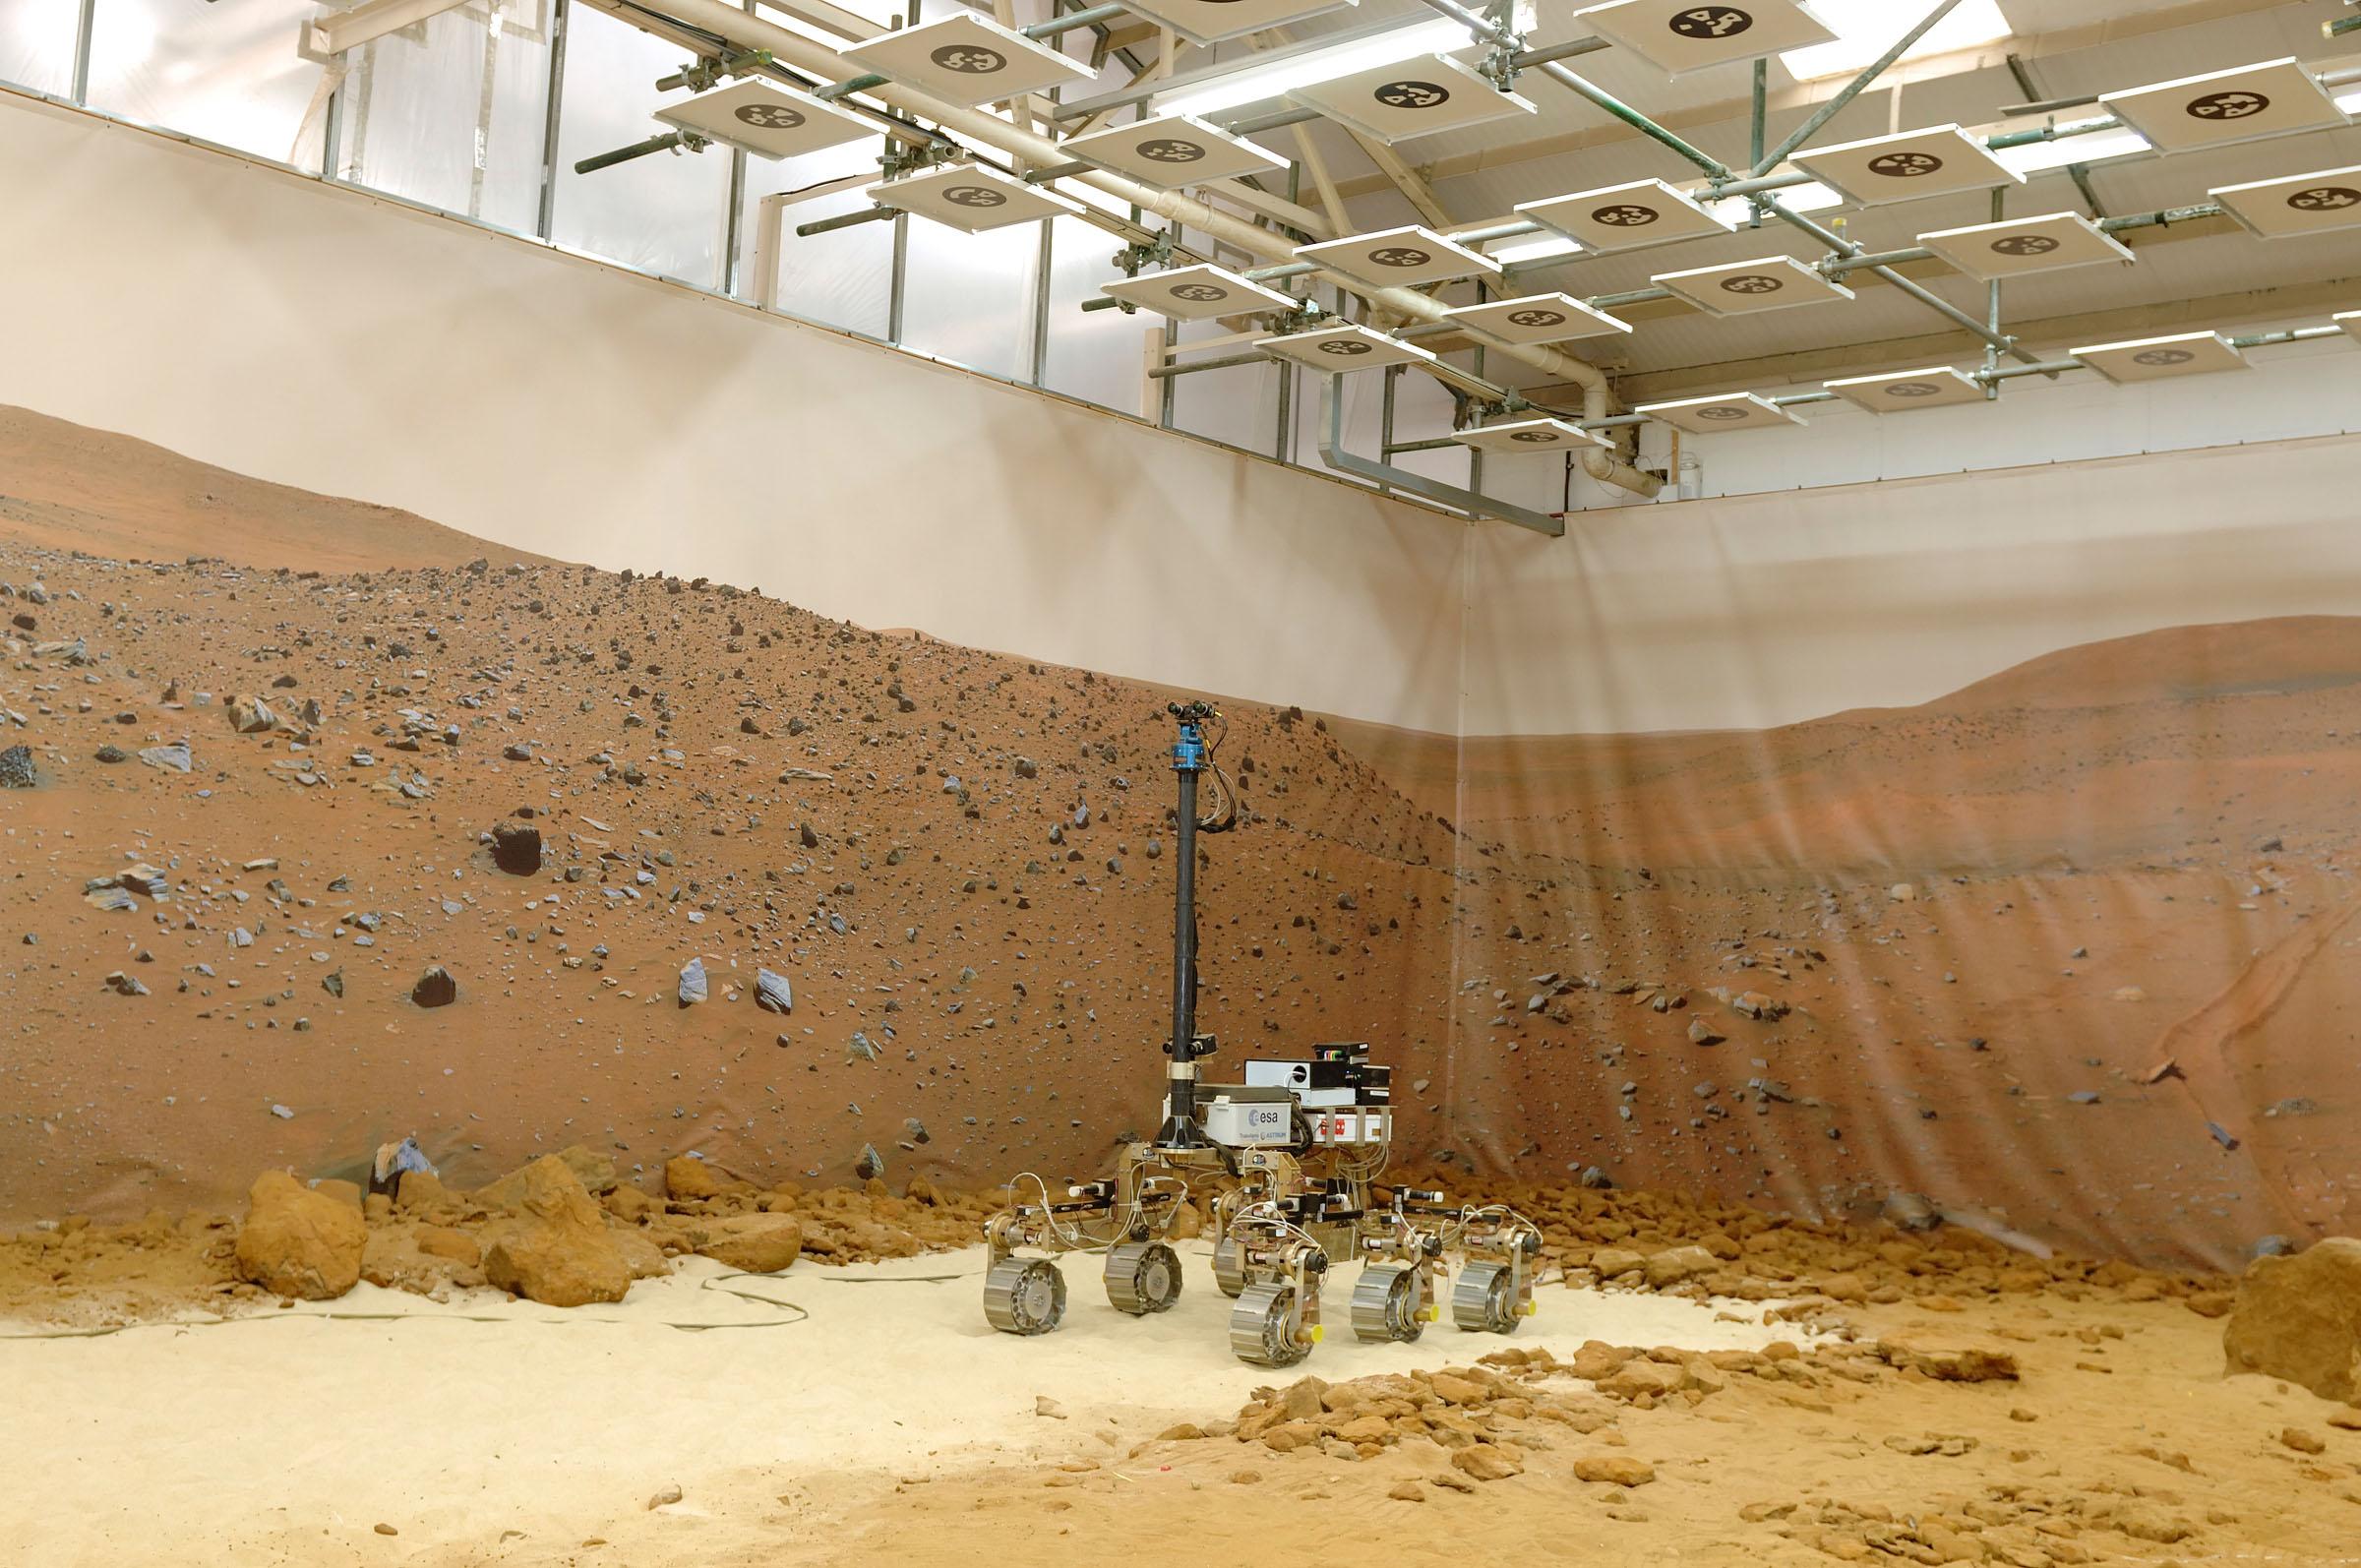 Βίντεο: H «αυλή» του Άρη στη Γη